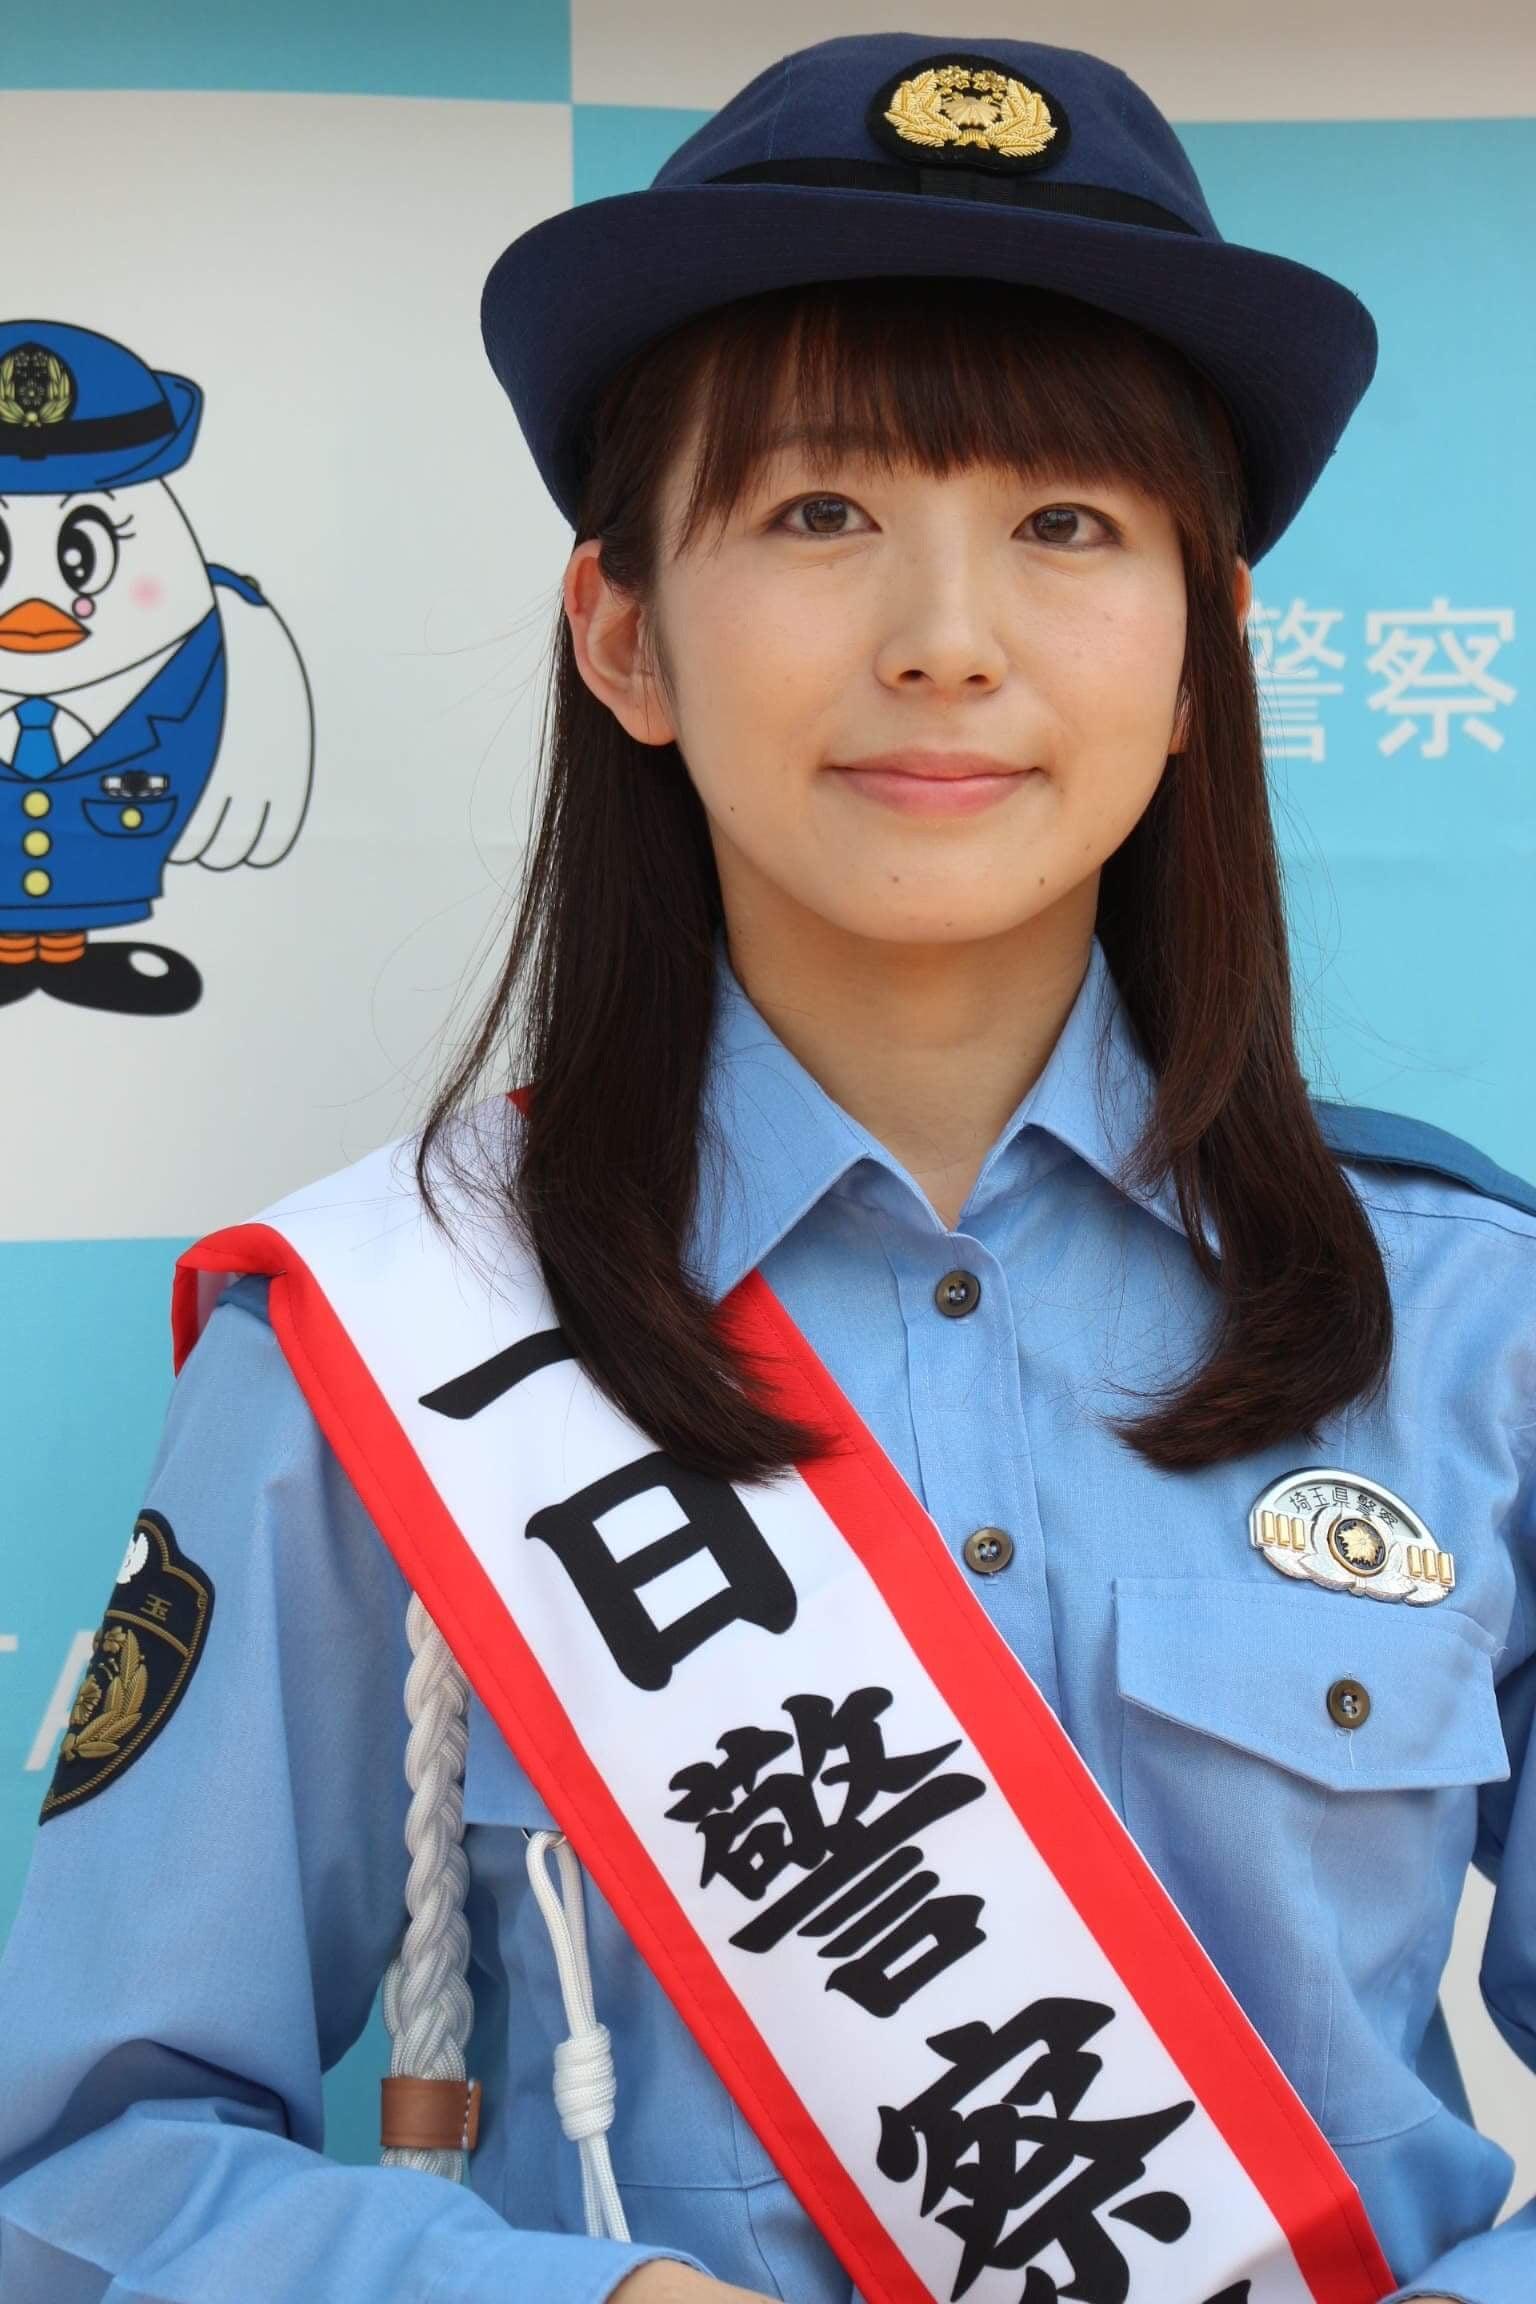 #一日警察署長 を務めてまいりました | はたゆりこオフィシャルブログ『はたからみれば。』